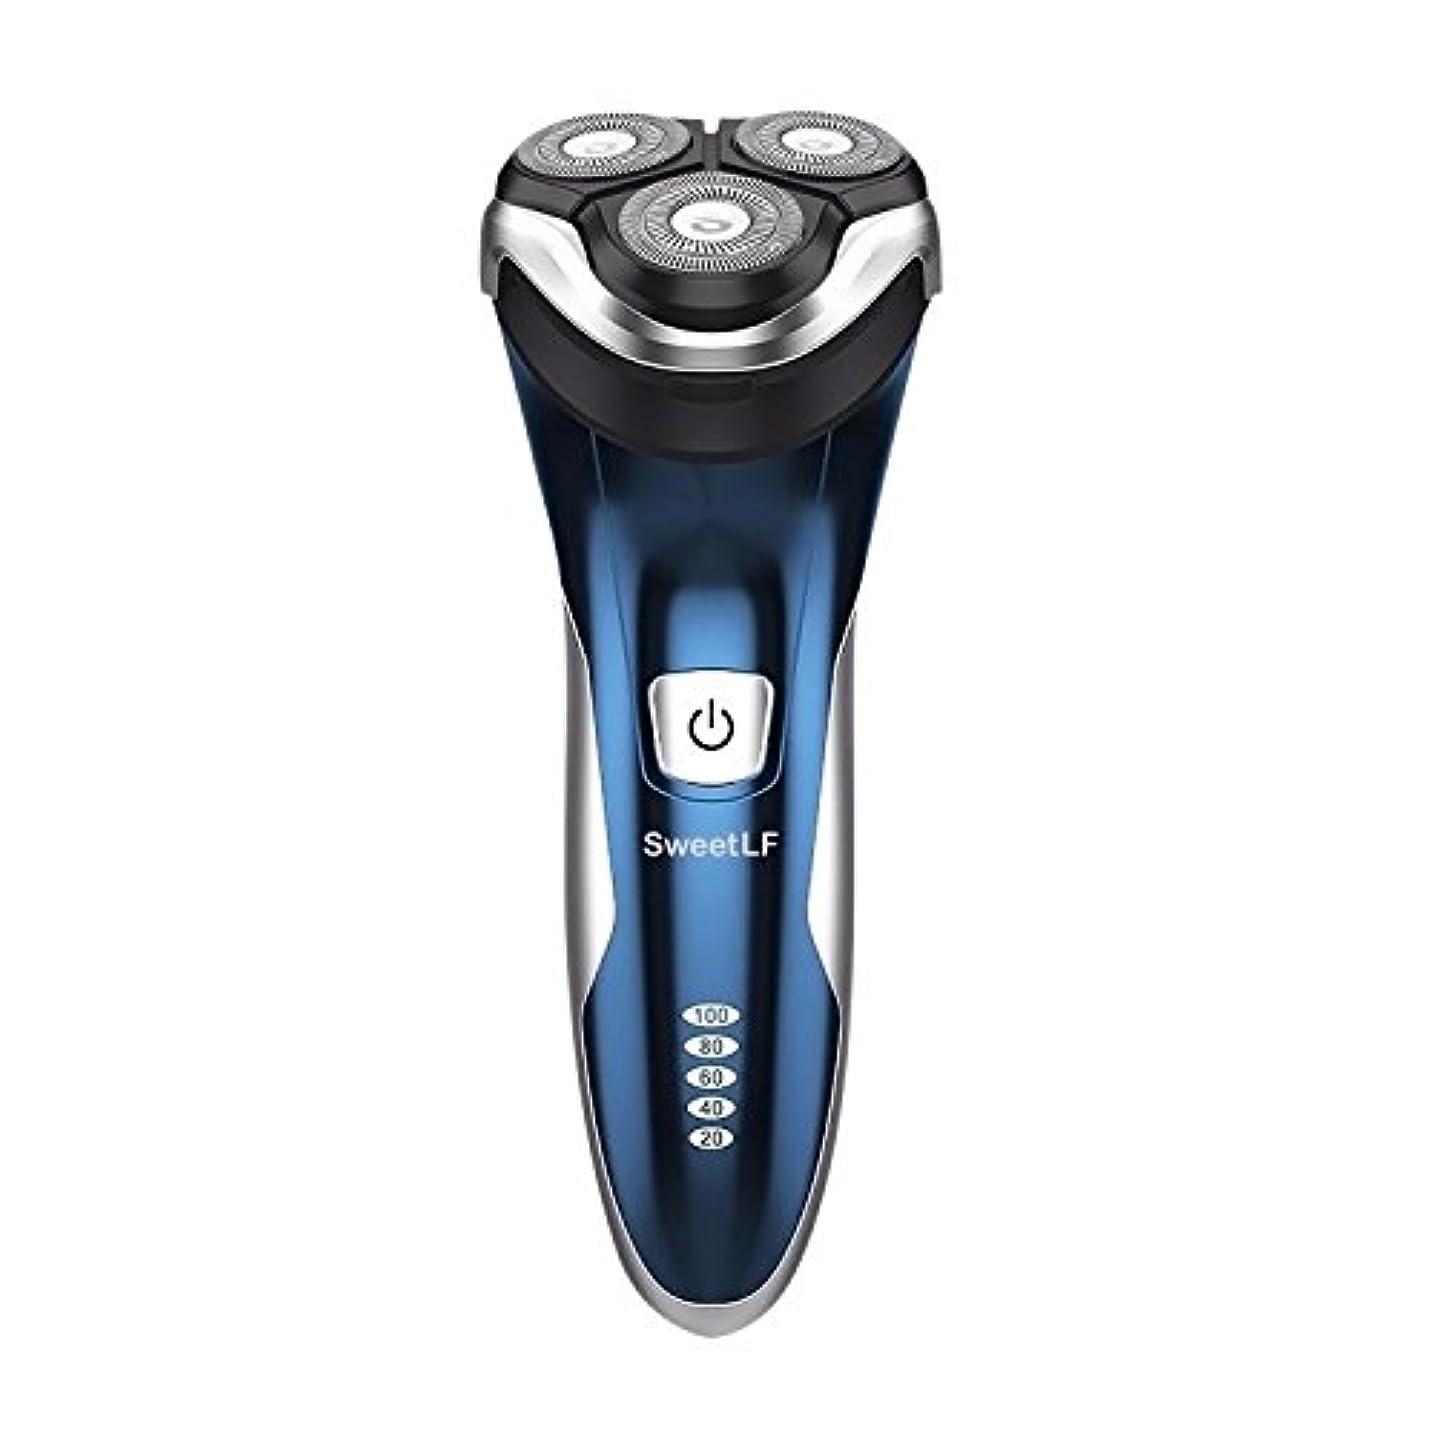 ファランクス吸収剤地雷原SweetLF メンズ 電気シェーバー ひげそり 電気カミソリ 回転式 3枚刃 USB充電式 IPX7防水 お風呂剃り可 LEDディスプレイ トリマー付き